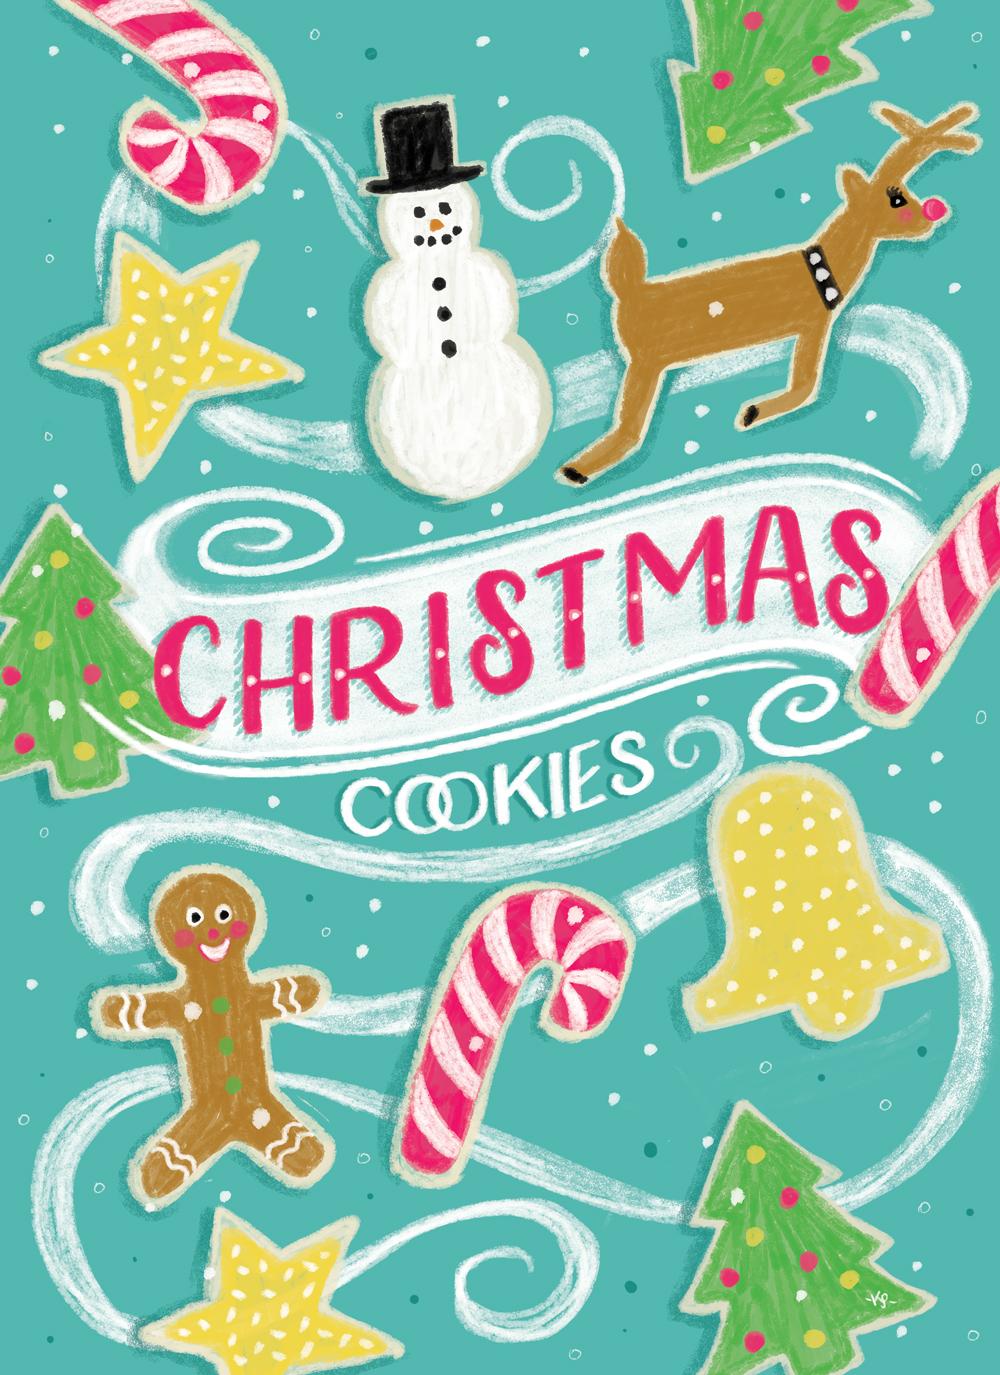 December 17, 2014 Christmas Cookies